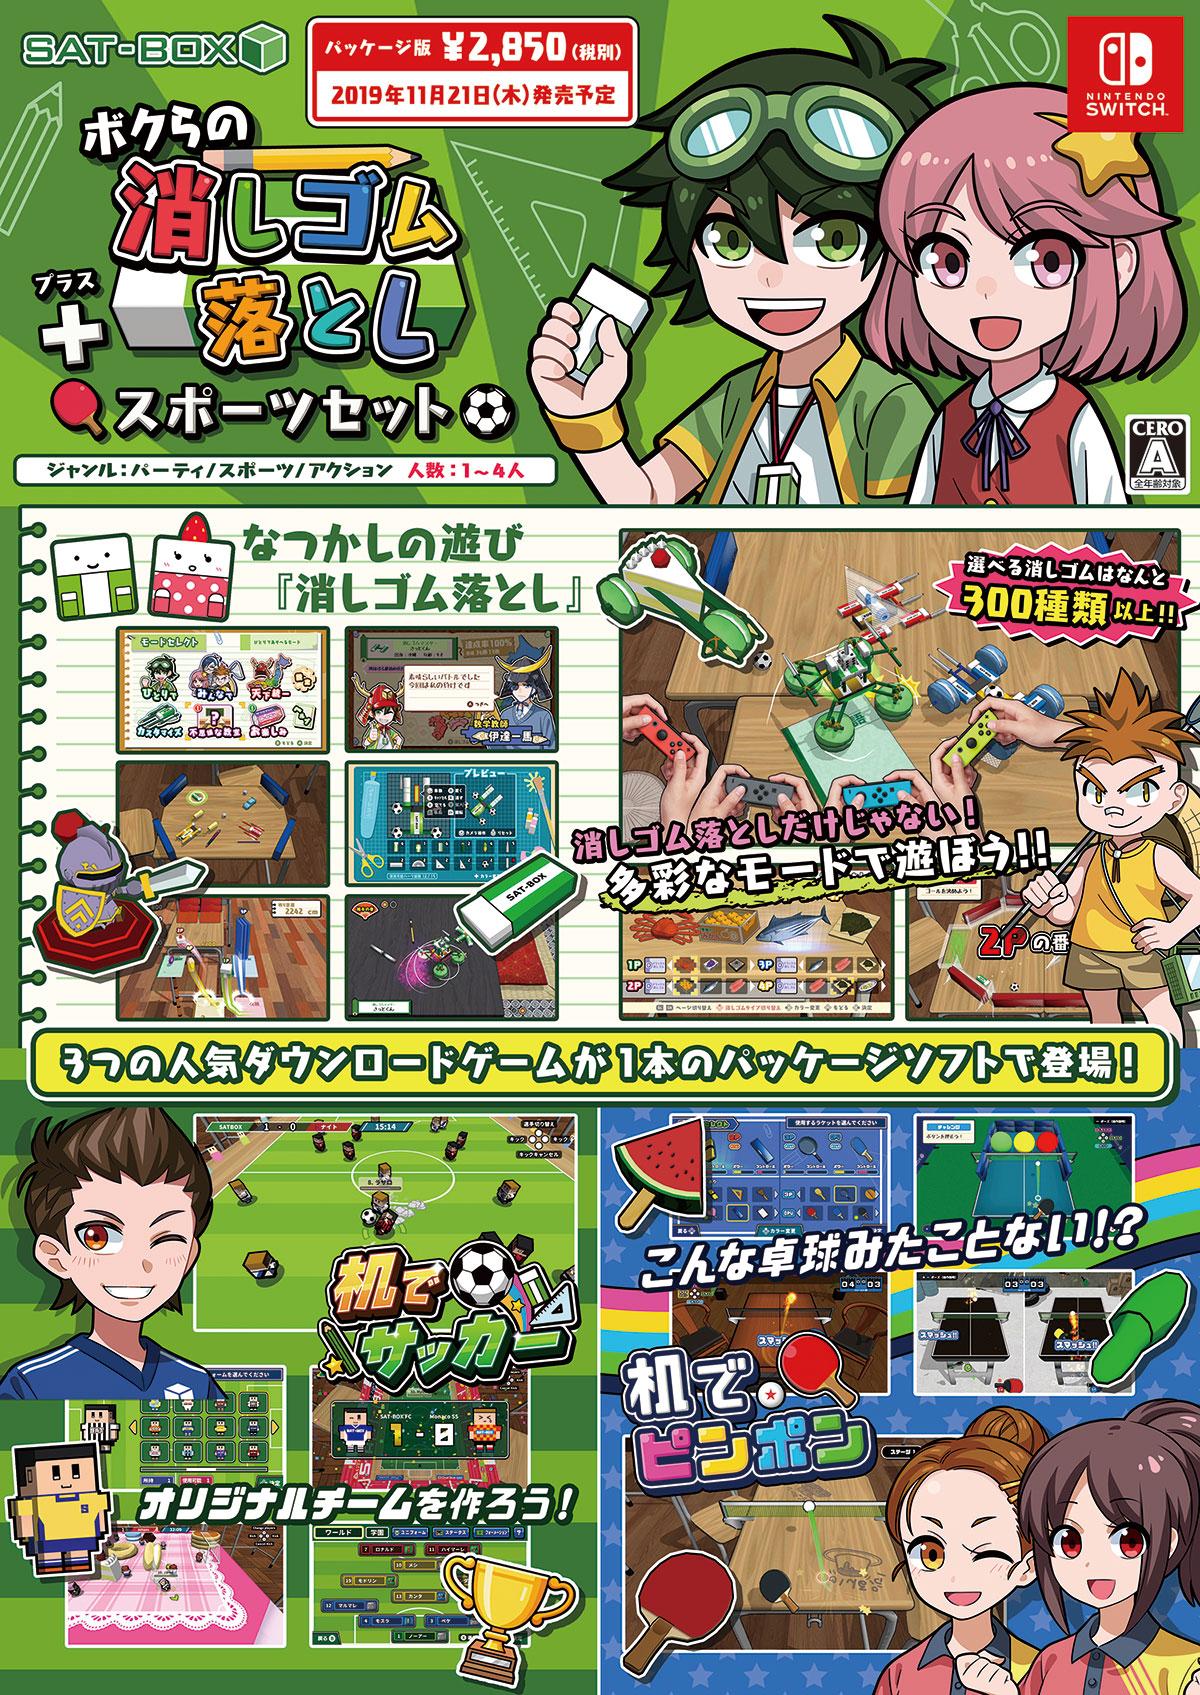 http://sat-box.jp/img/bokukesi_promo.jpg